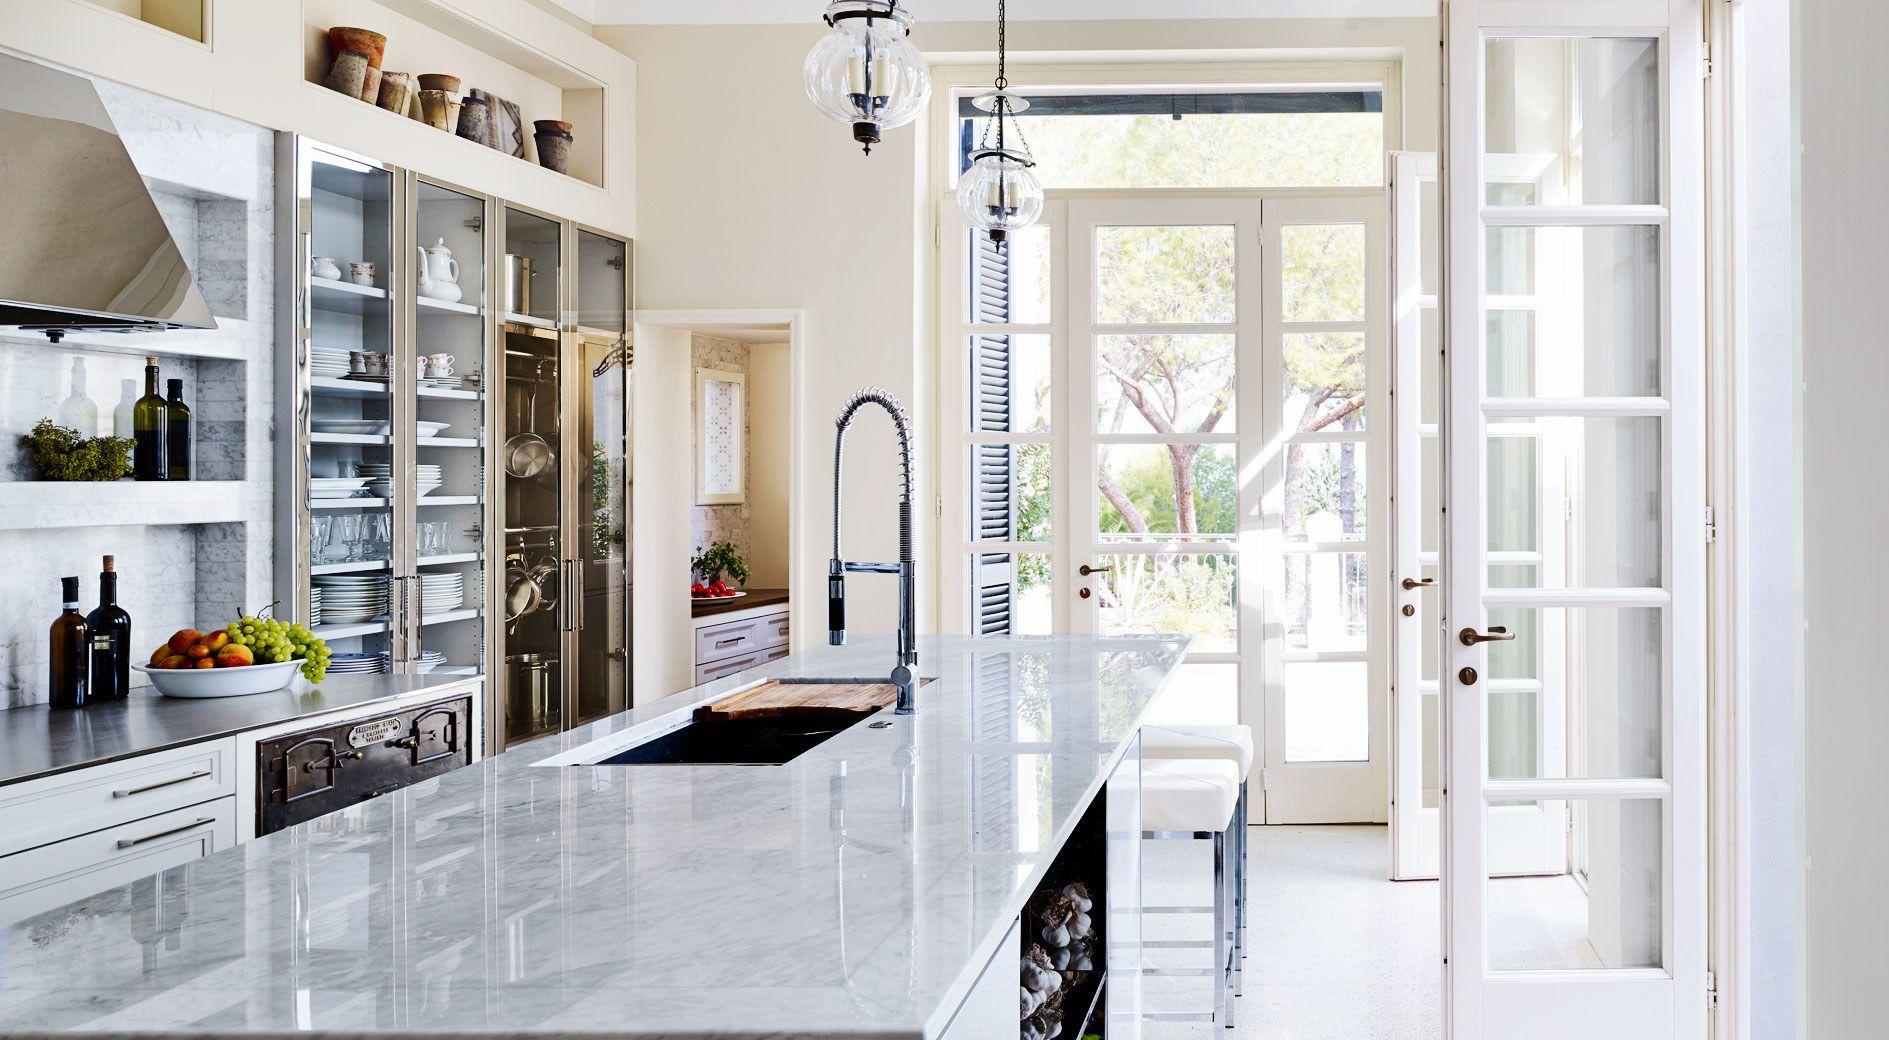 Anspruchsvoll Amerikanische Küchen Galerie Von Mick De Giulio Creates The Ultimate Kitchen